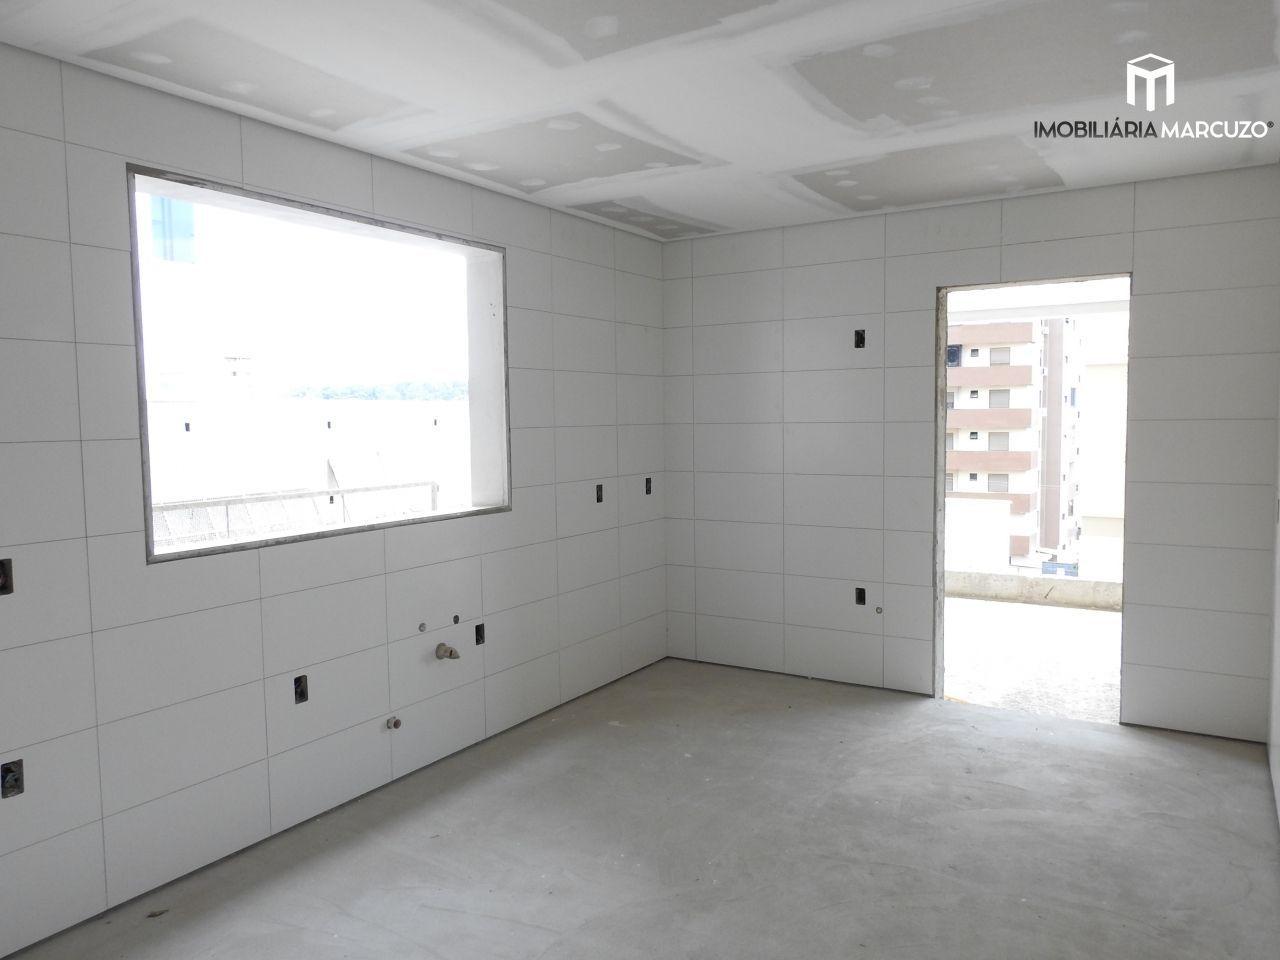 Apartamento com 3 Dormitórios à venda, 170 m² por R$ 900.000,00